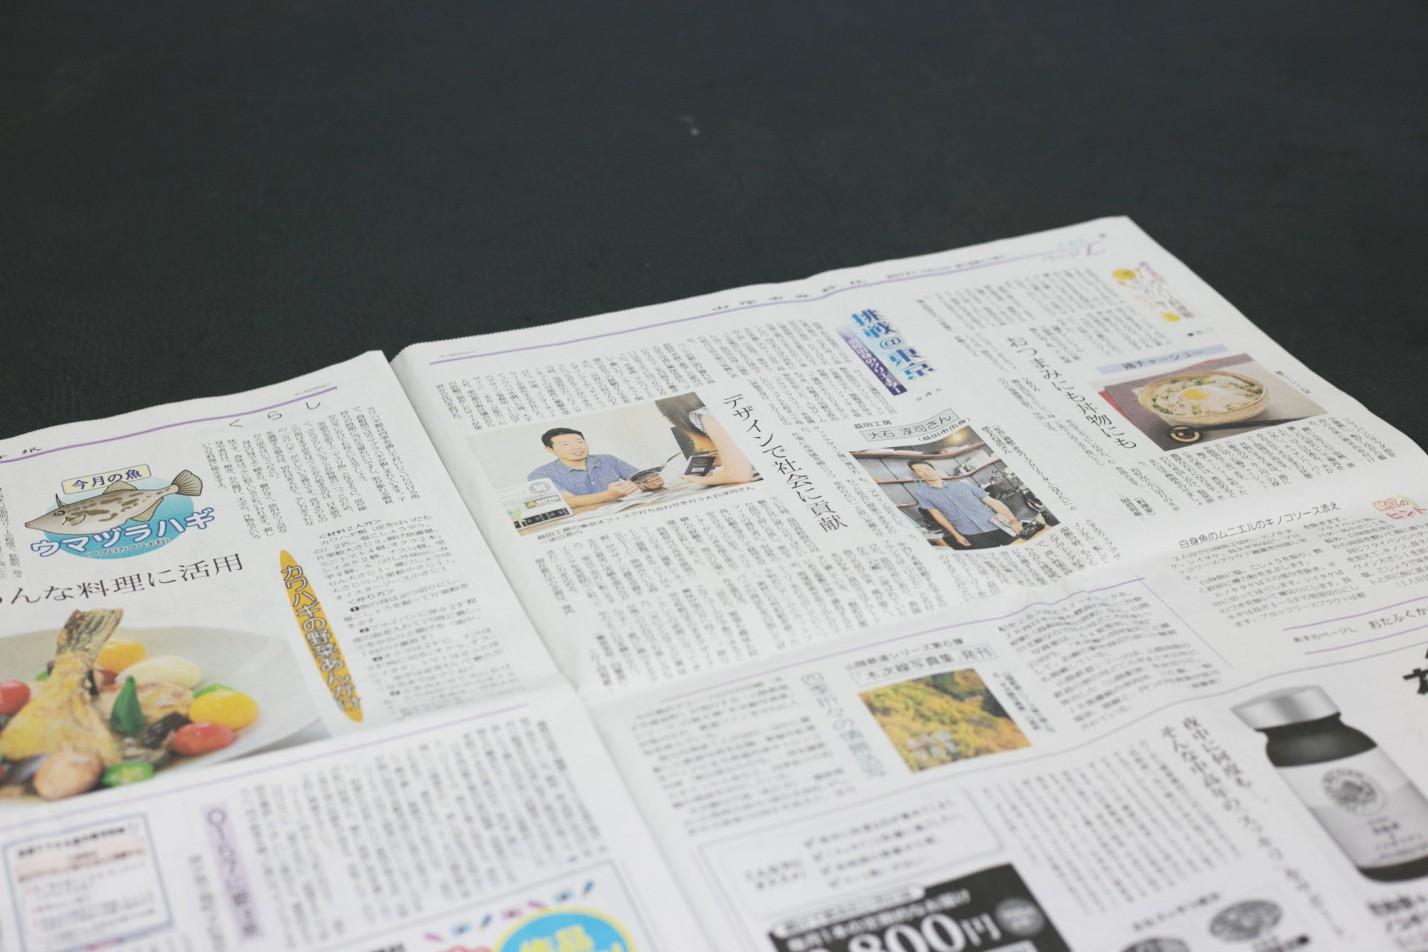 [メディア掲載実績] 山陰中央新報に掲載されました